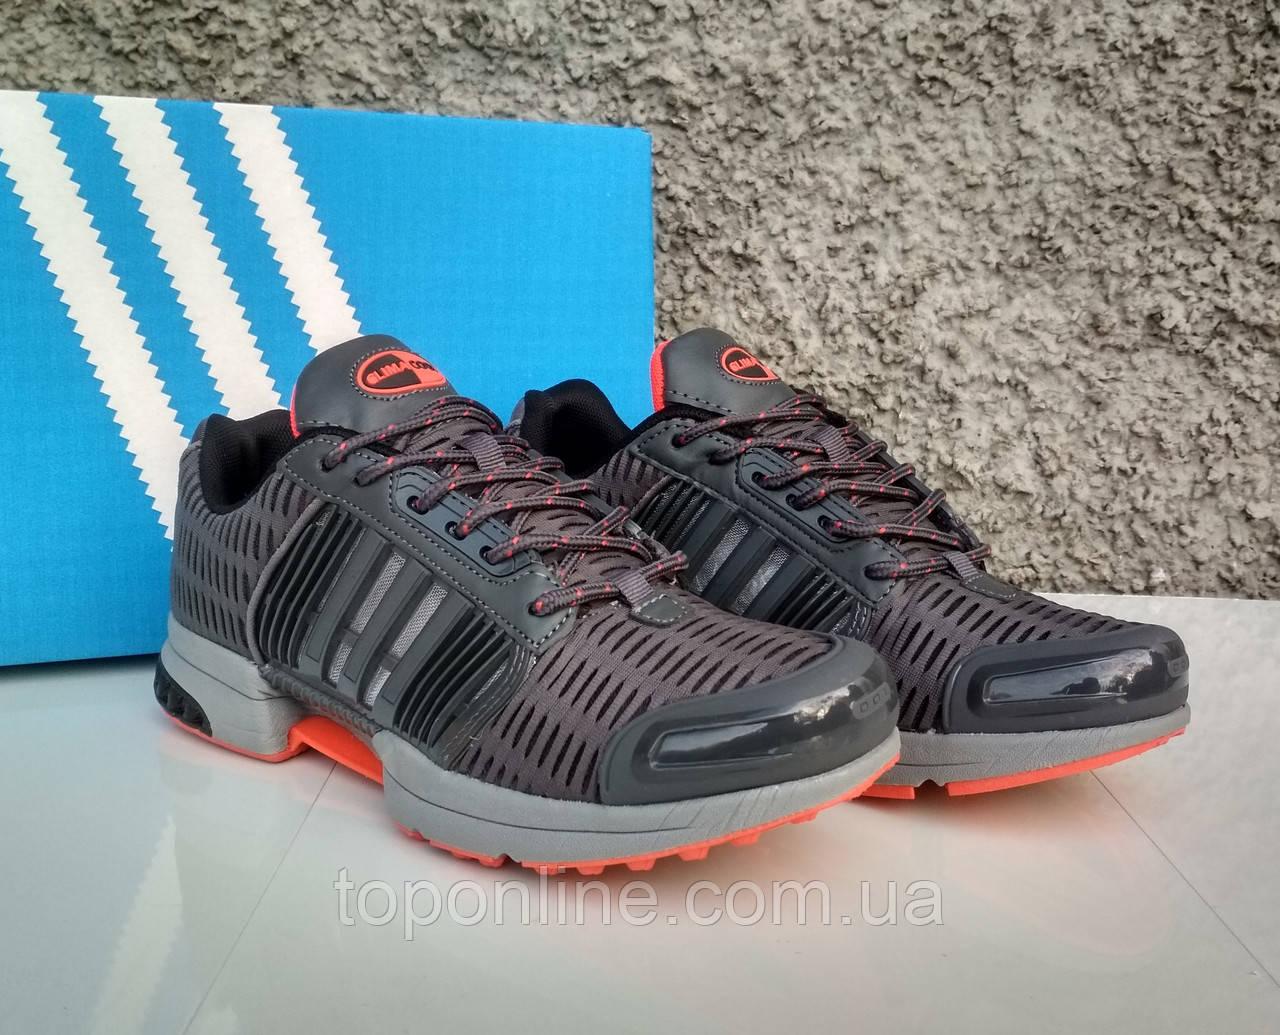 621edf33013c3e Кроссовки мужские в стиле Adidas ClimaCool 1 серые с оранжевым - TopOnLine  – обувной интернет-